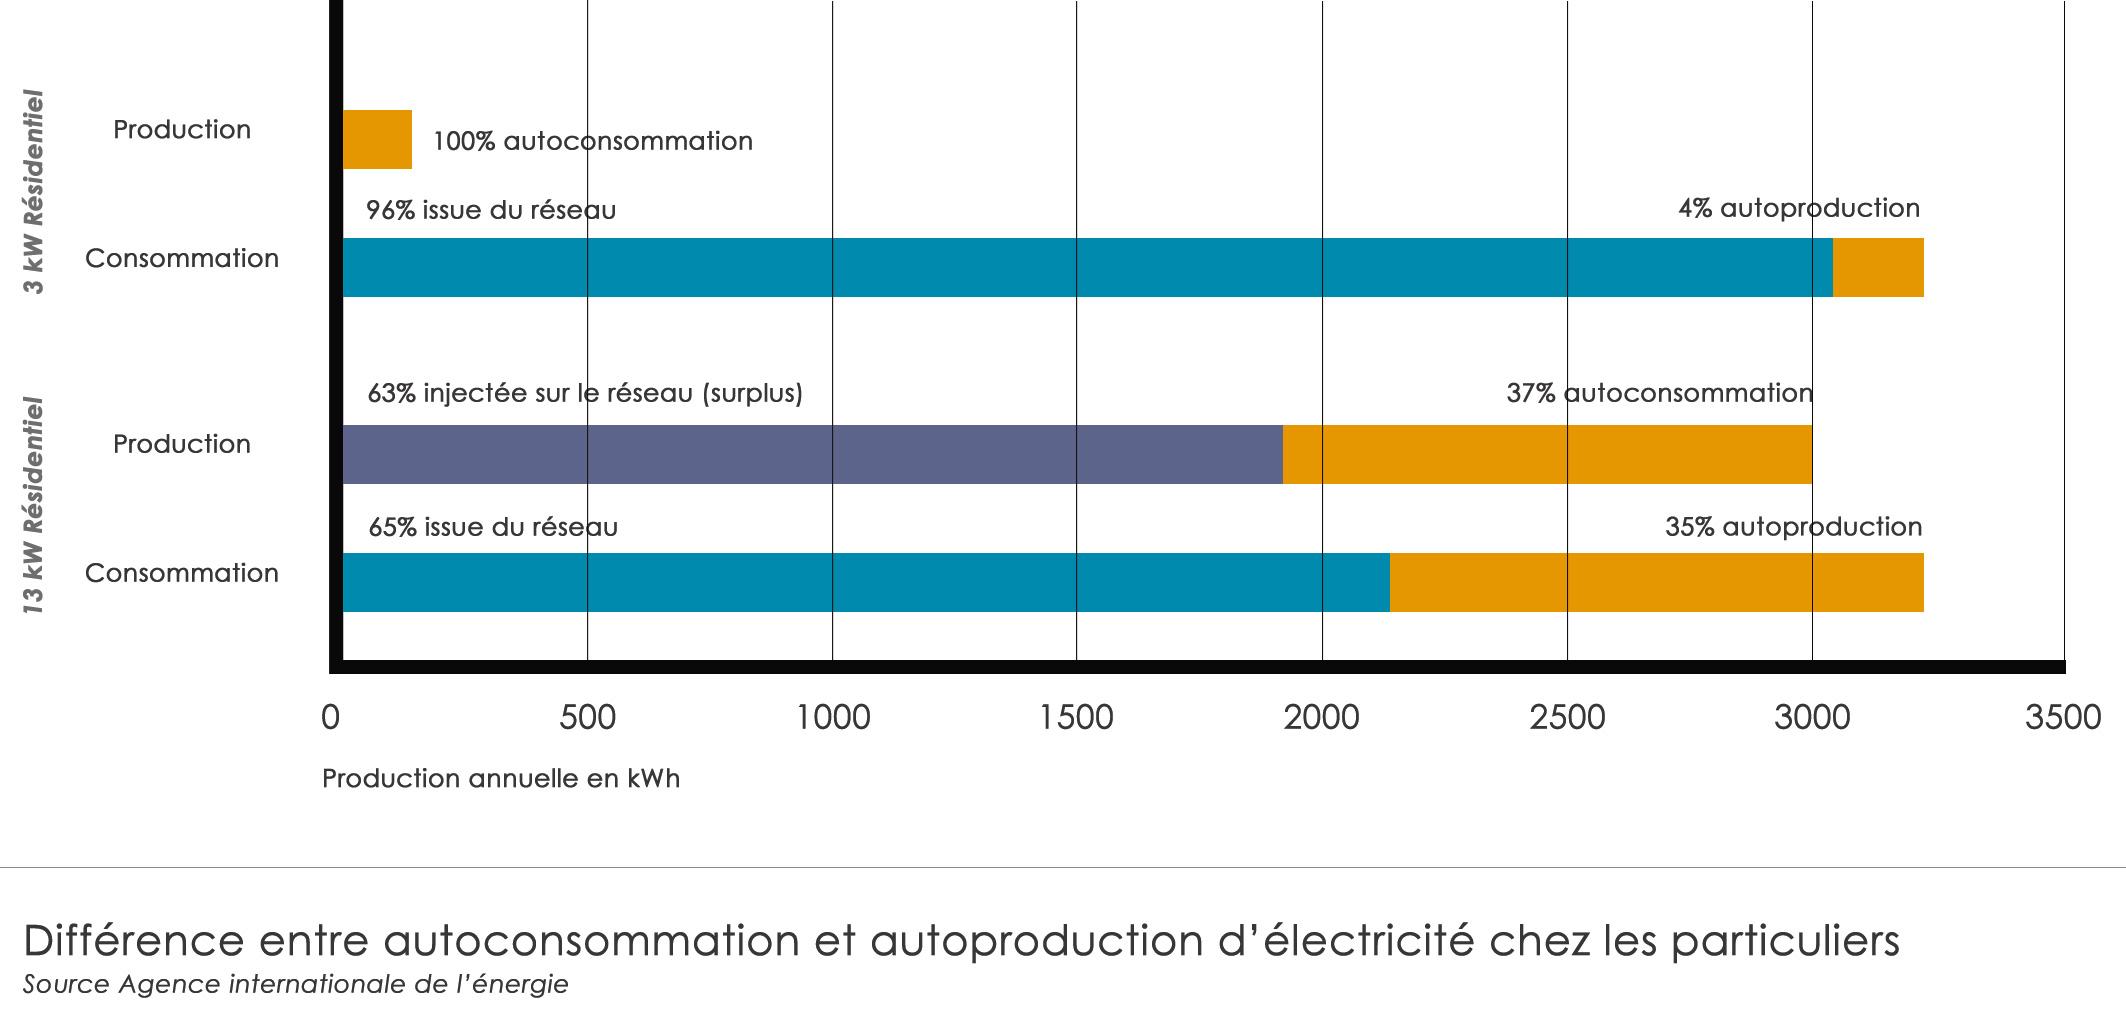 Puissance Panneau Photovoltaique tout photovoltaïque : quelle autoconsommation pour les particuliers ?